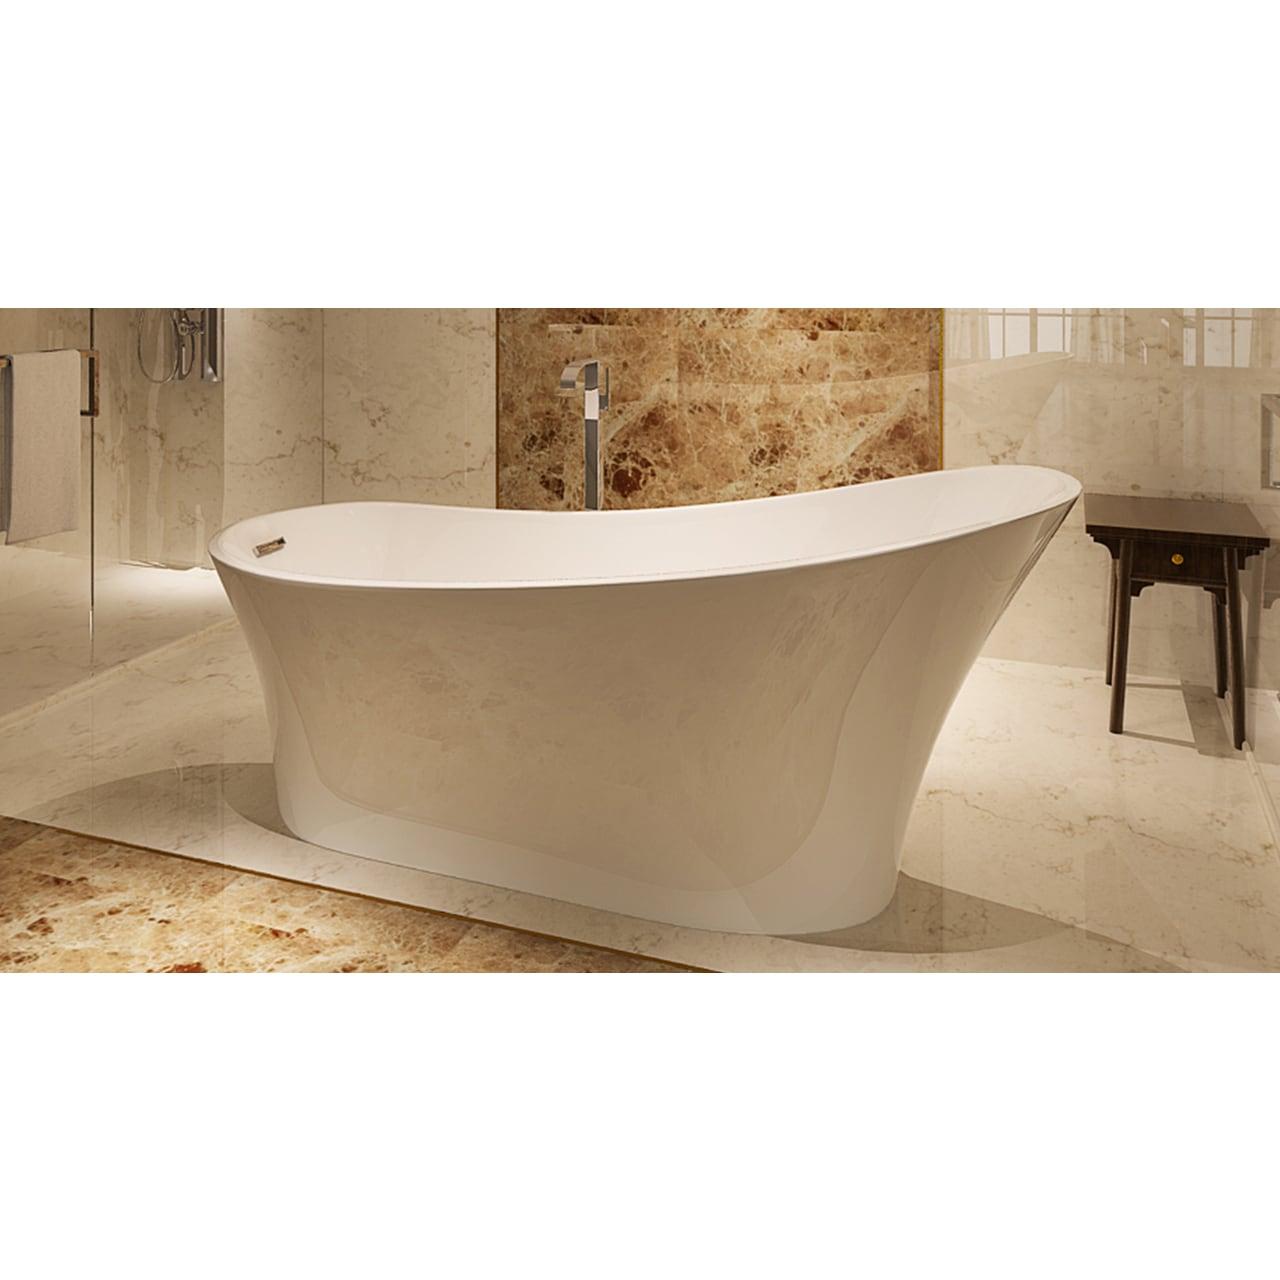 Shop HelixBath Alexandria 67-inch White Acrylic Freestanding Bathtub ...